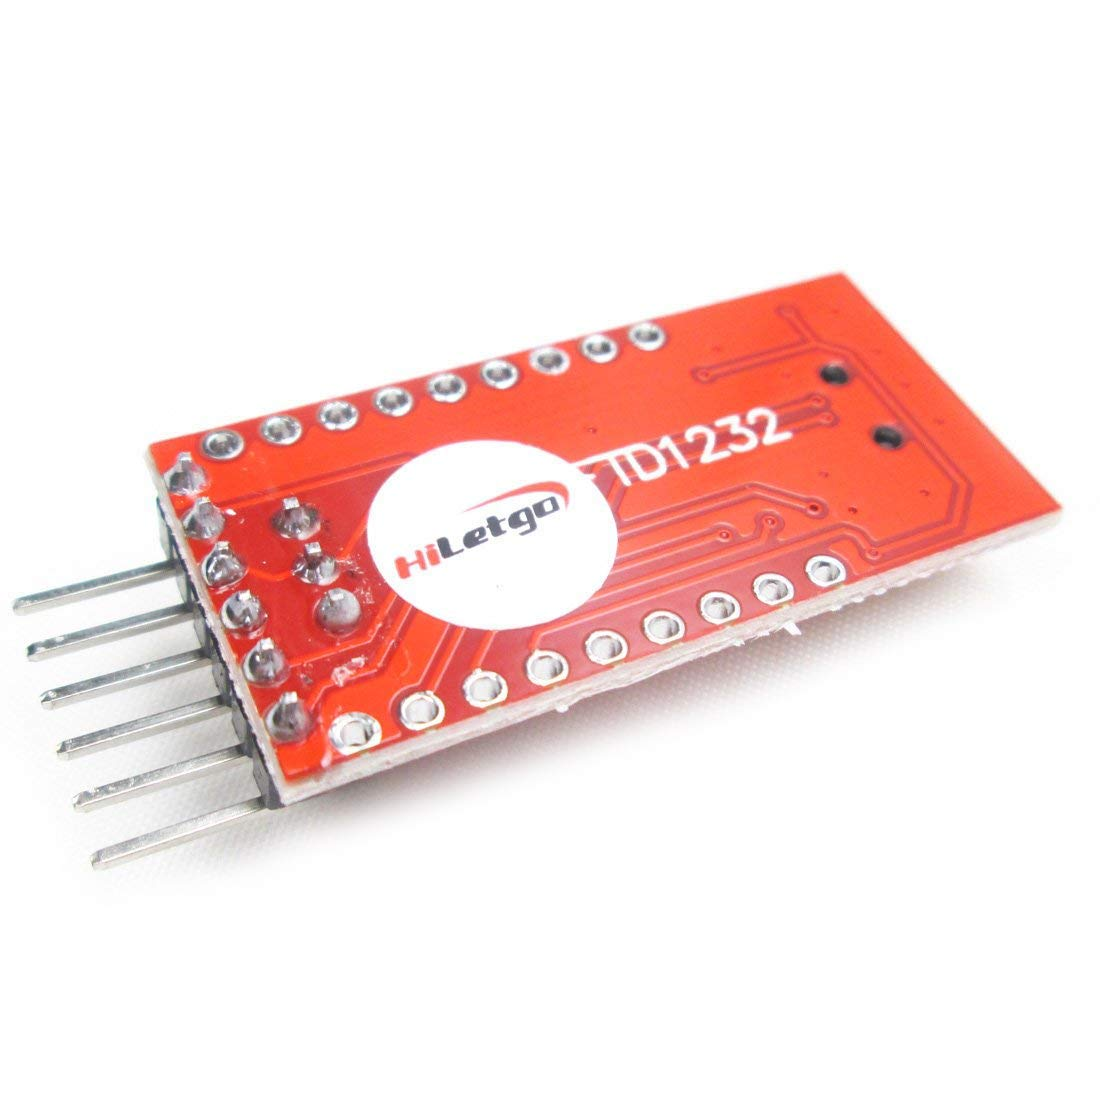 HiLetgo FT232RL FTDI Mini USB to TTL Serial Converter Adapter Module 3.3V 5.5V FT232R Breakout FT232RL USB to Serial Mini USB to TTL Adapter Board for Arduino by HiLetgo (Image #2)